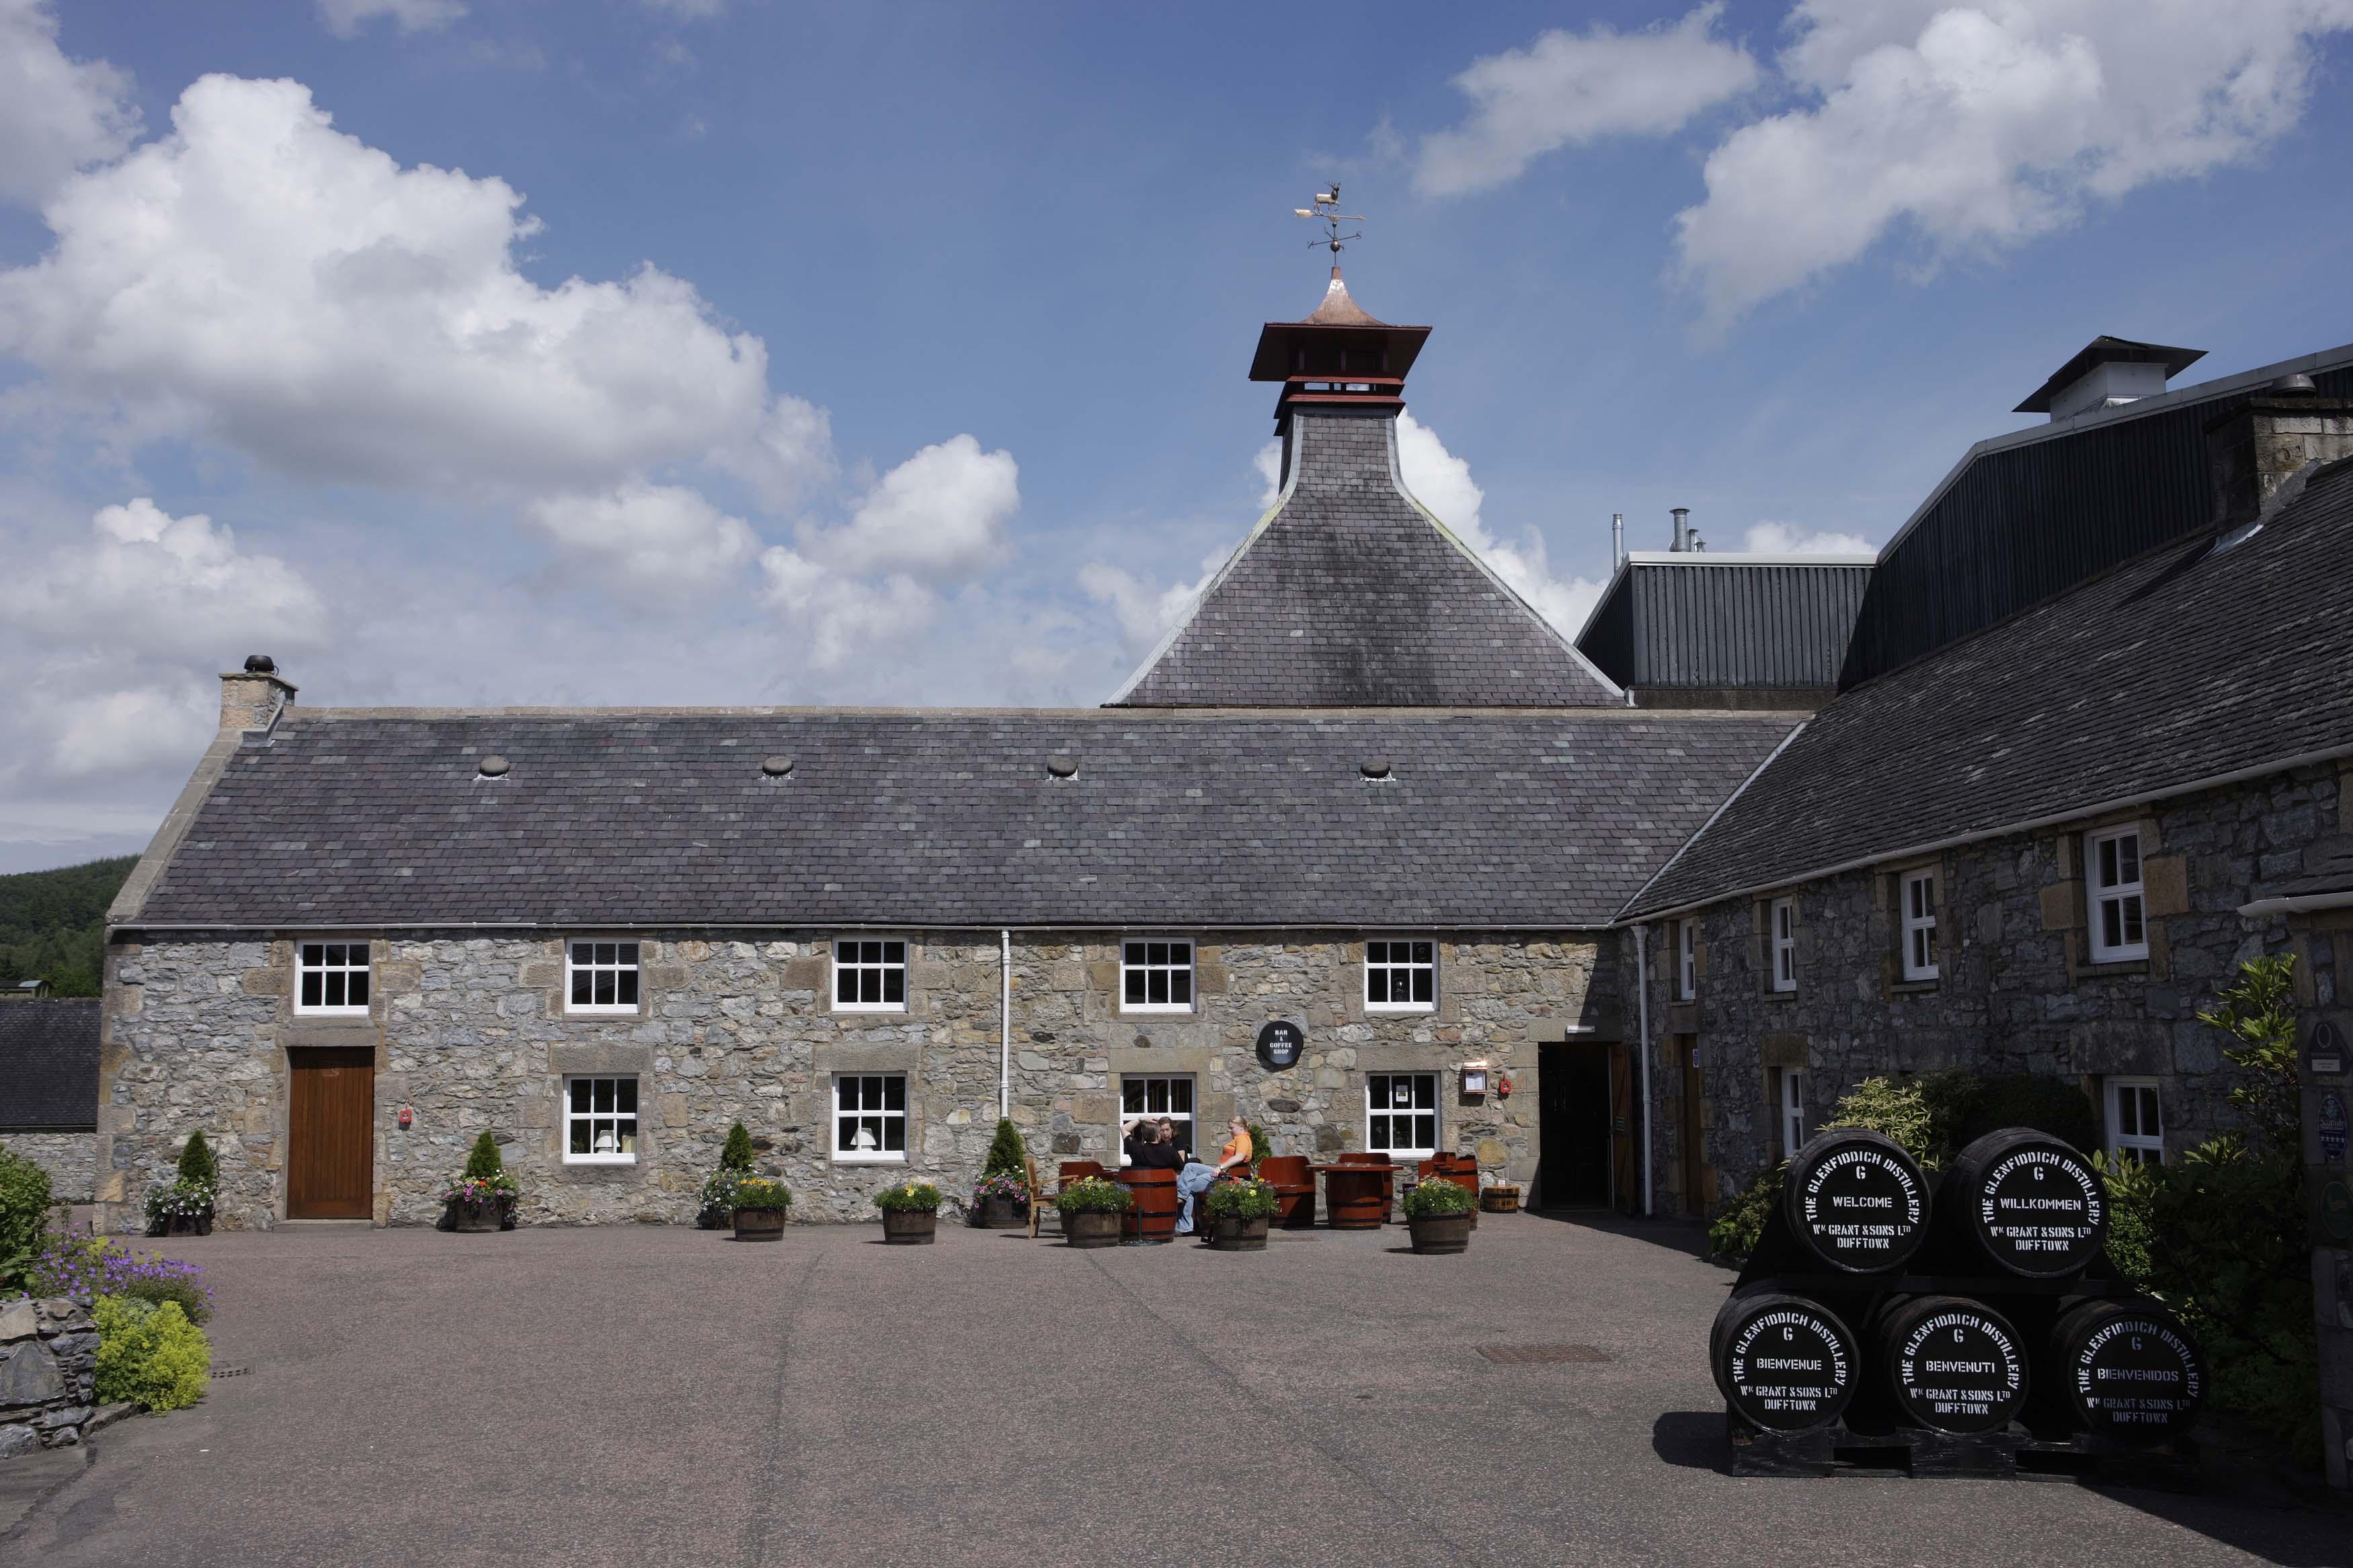 Glenfiddich- beautiful distilleries around the world